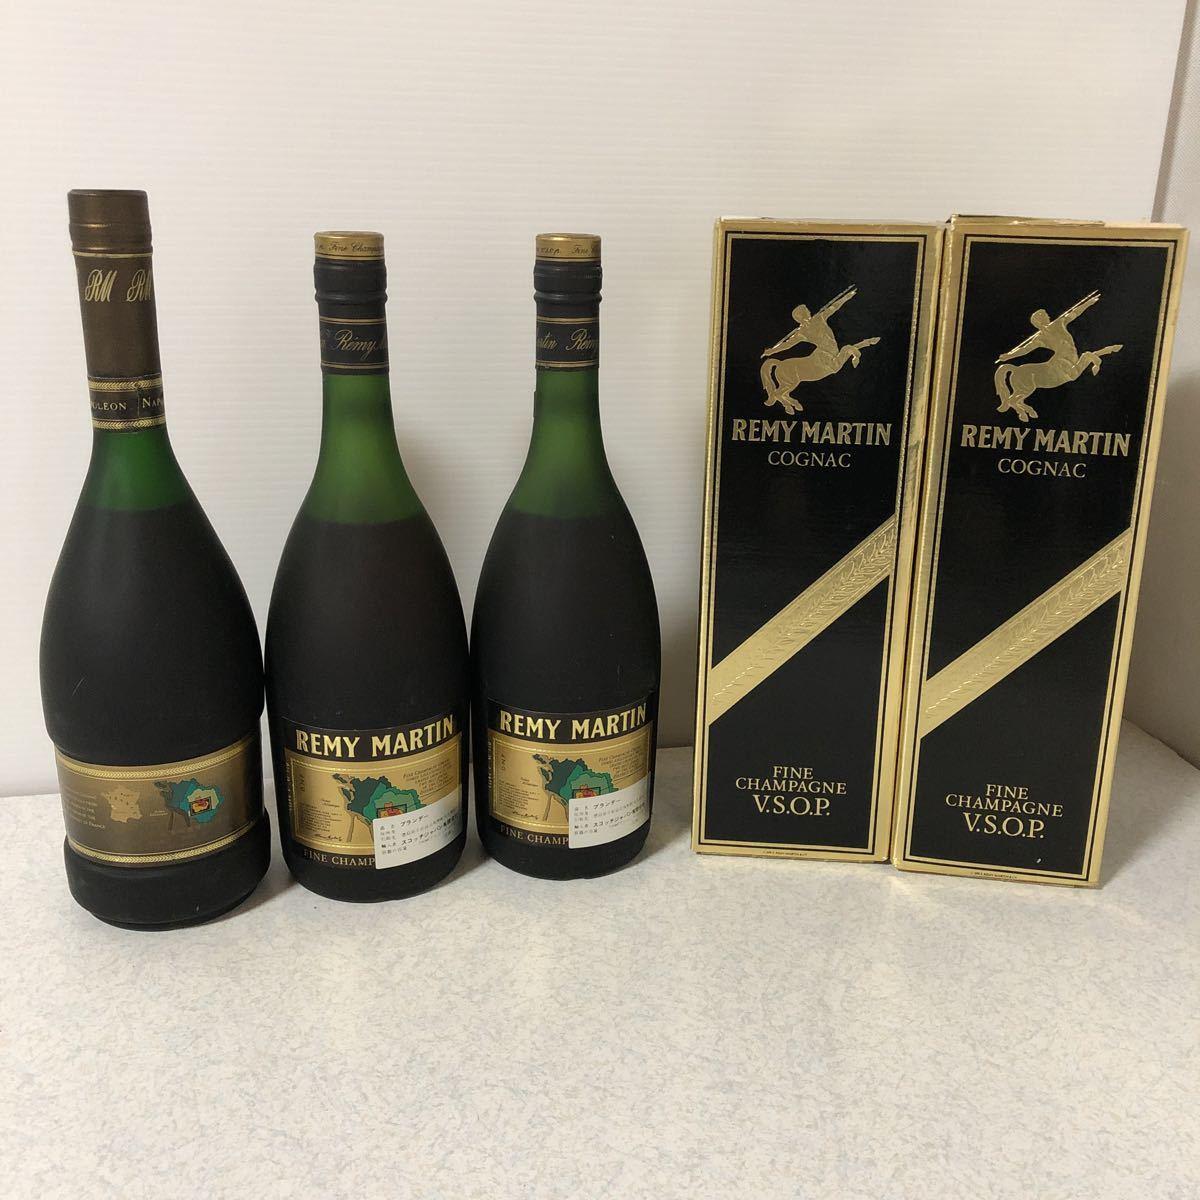 【古酒】REMY MARTIN レミーマルタン ナポレオン 未開栓 計3本セット_画像2